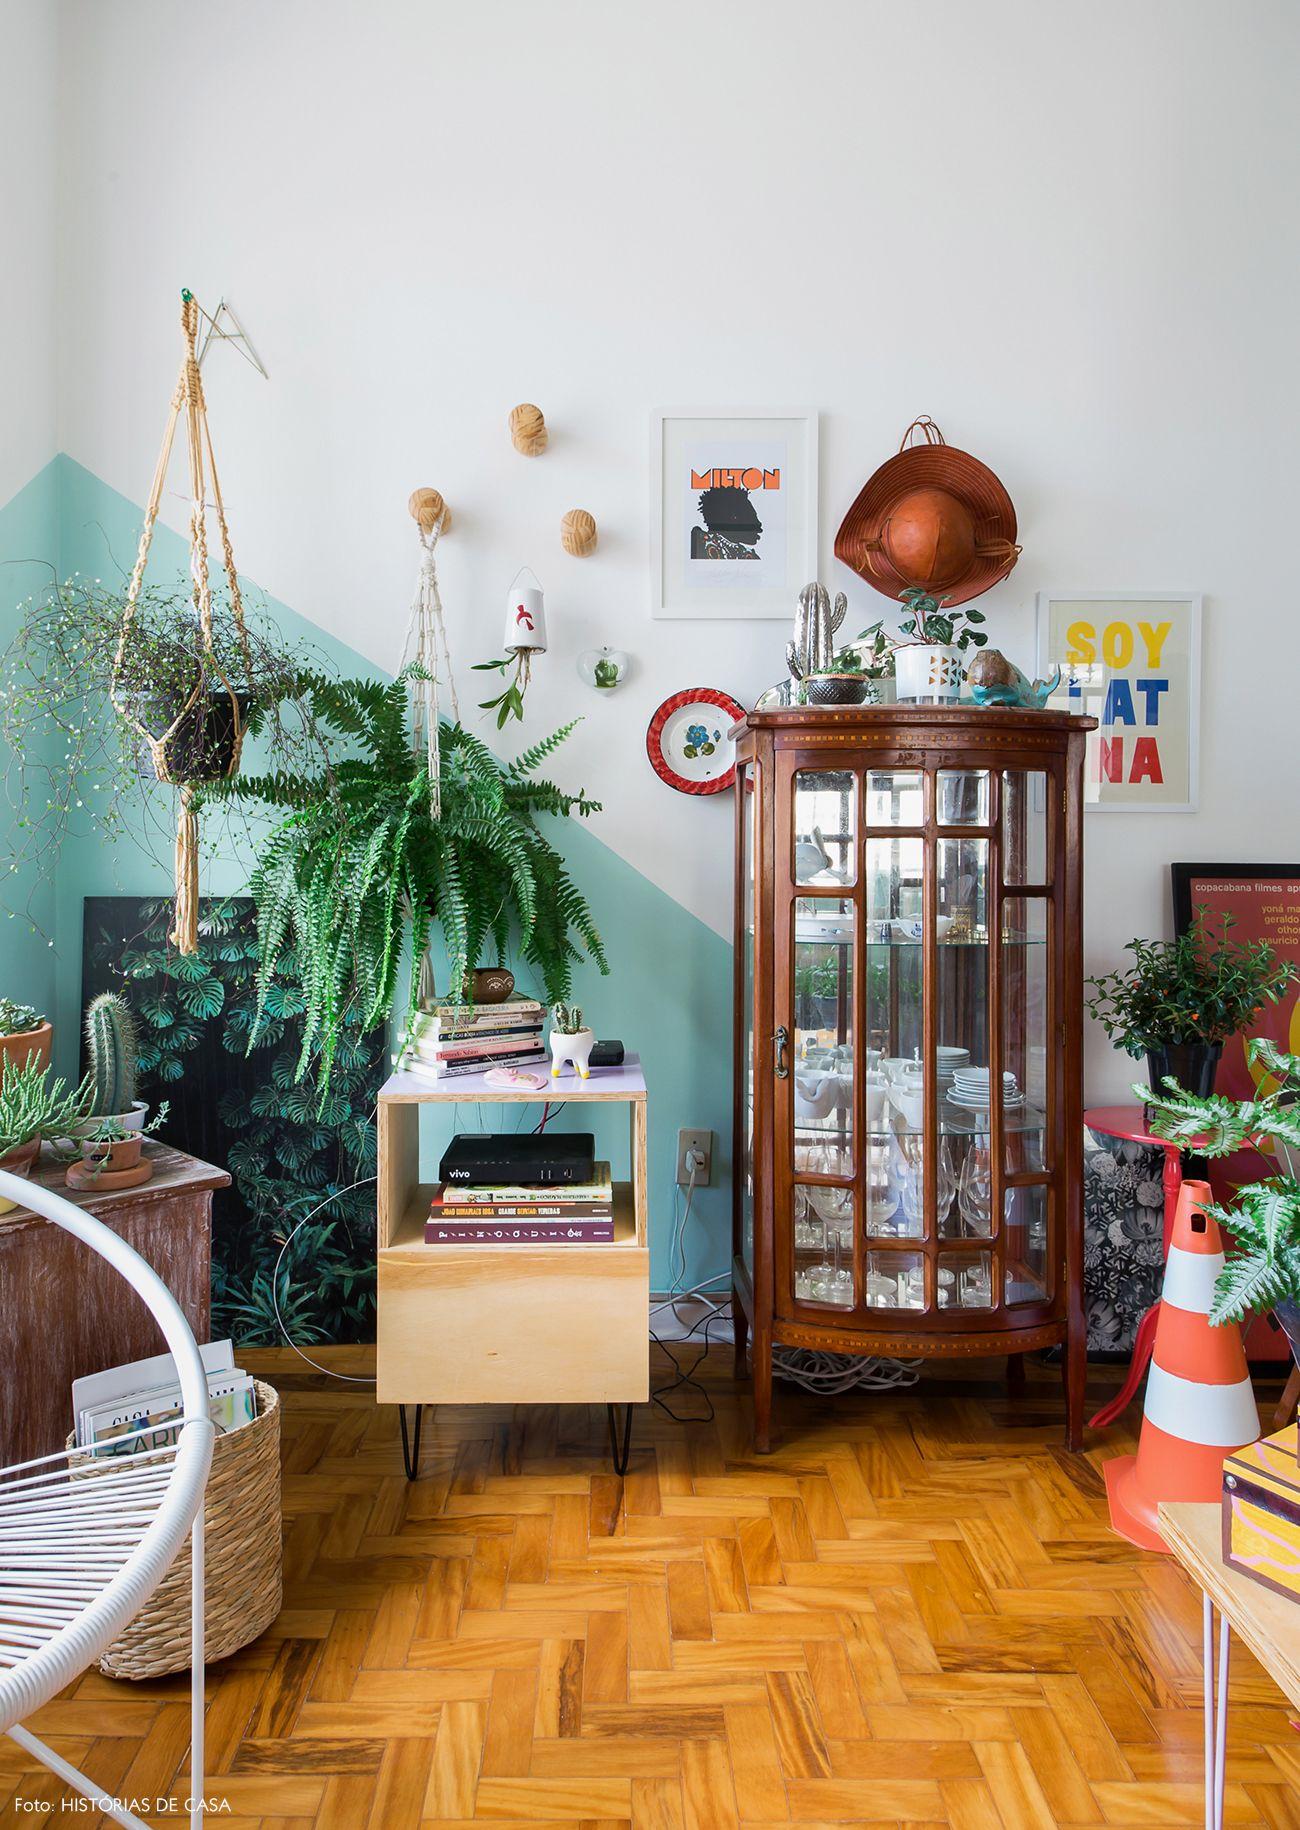 Casa colorida   Capítulo 1 is part of Home decor - Cores alegres, plantas e muitos objetos em um apartamento encantador  Vem conhecer e se inspirar com todos os detalhes dessa casa colorida